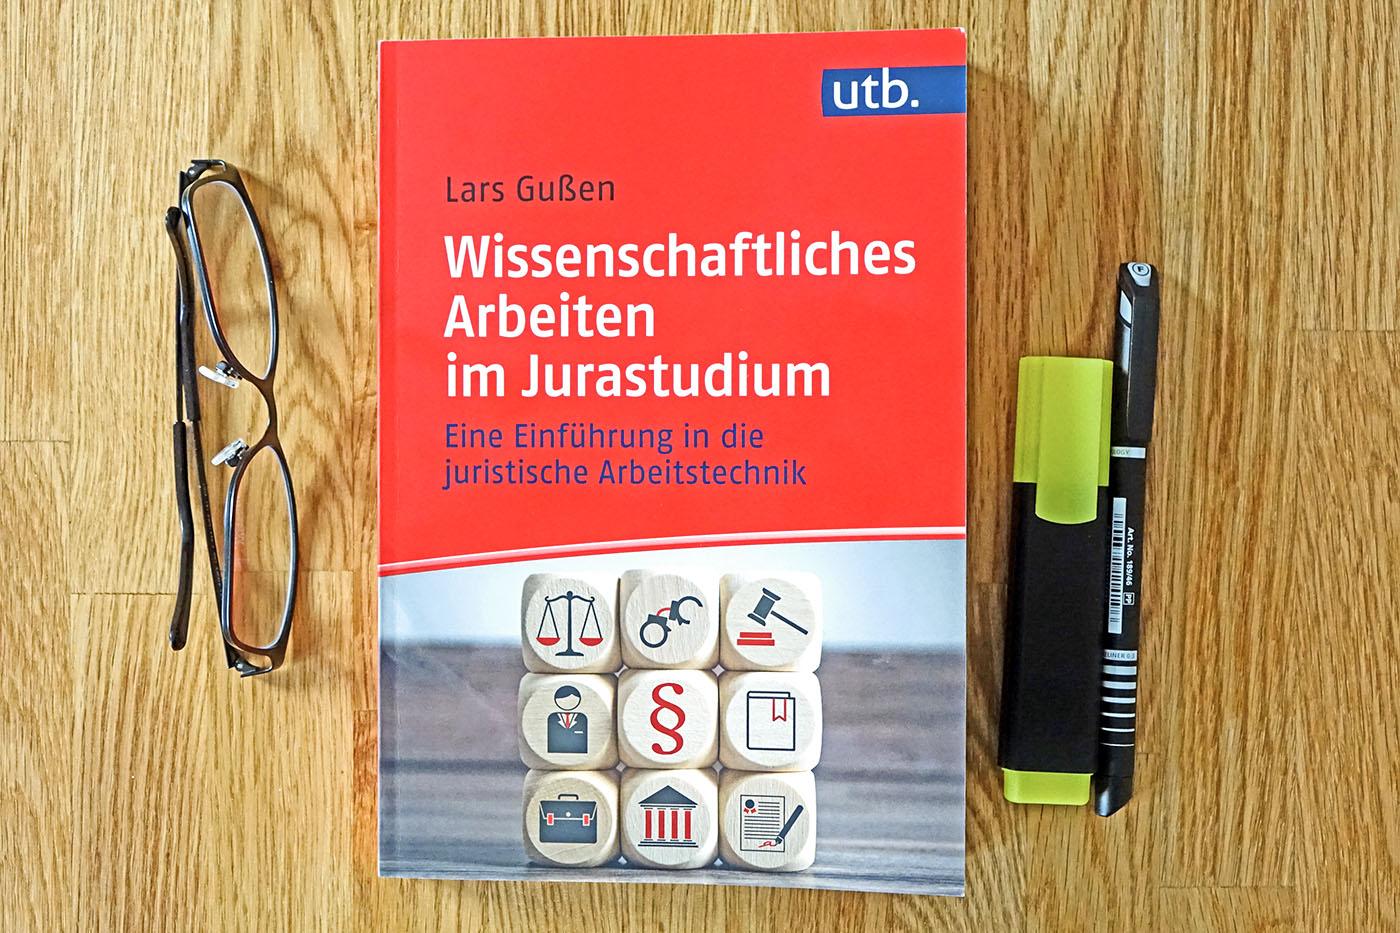 Buch wissenschaftliches Arbeiten im Jurastudium liegt auf dem Tisch, daneben eine Brille und zwei Stifte